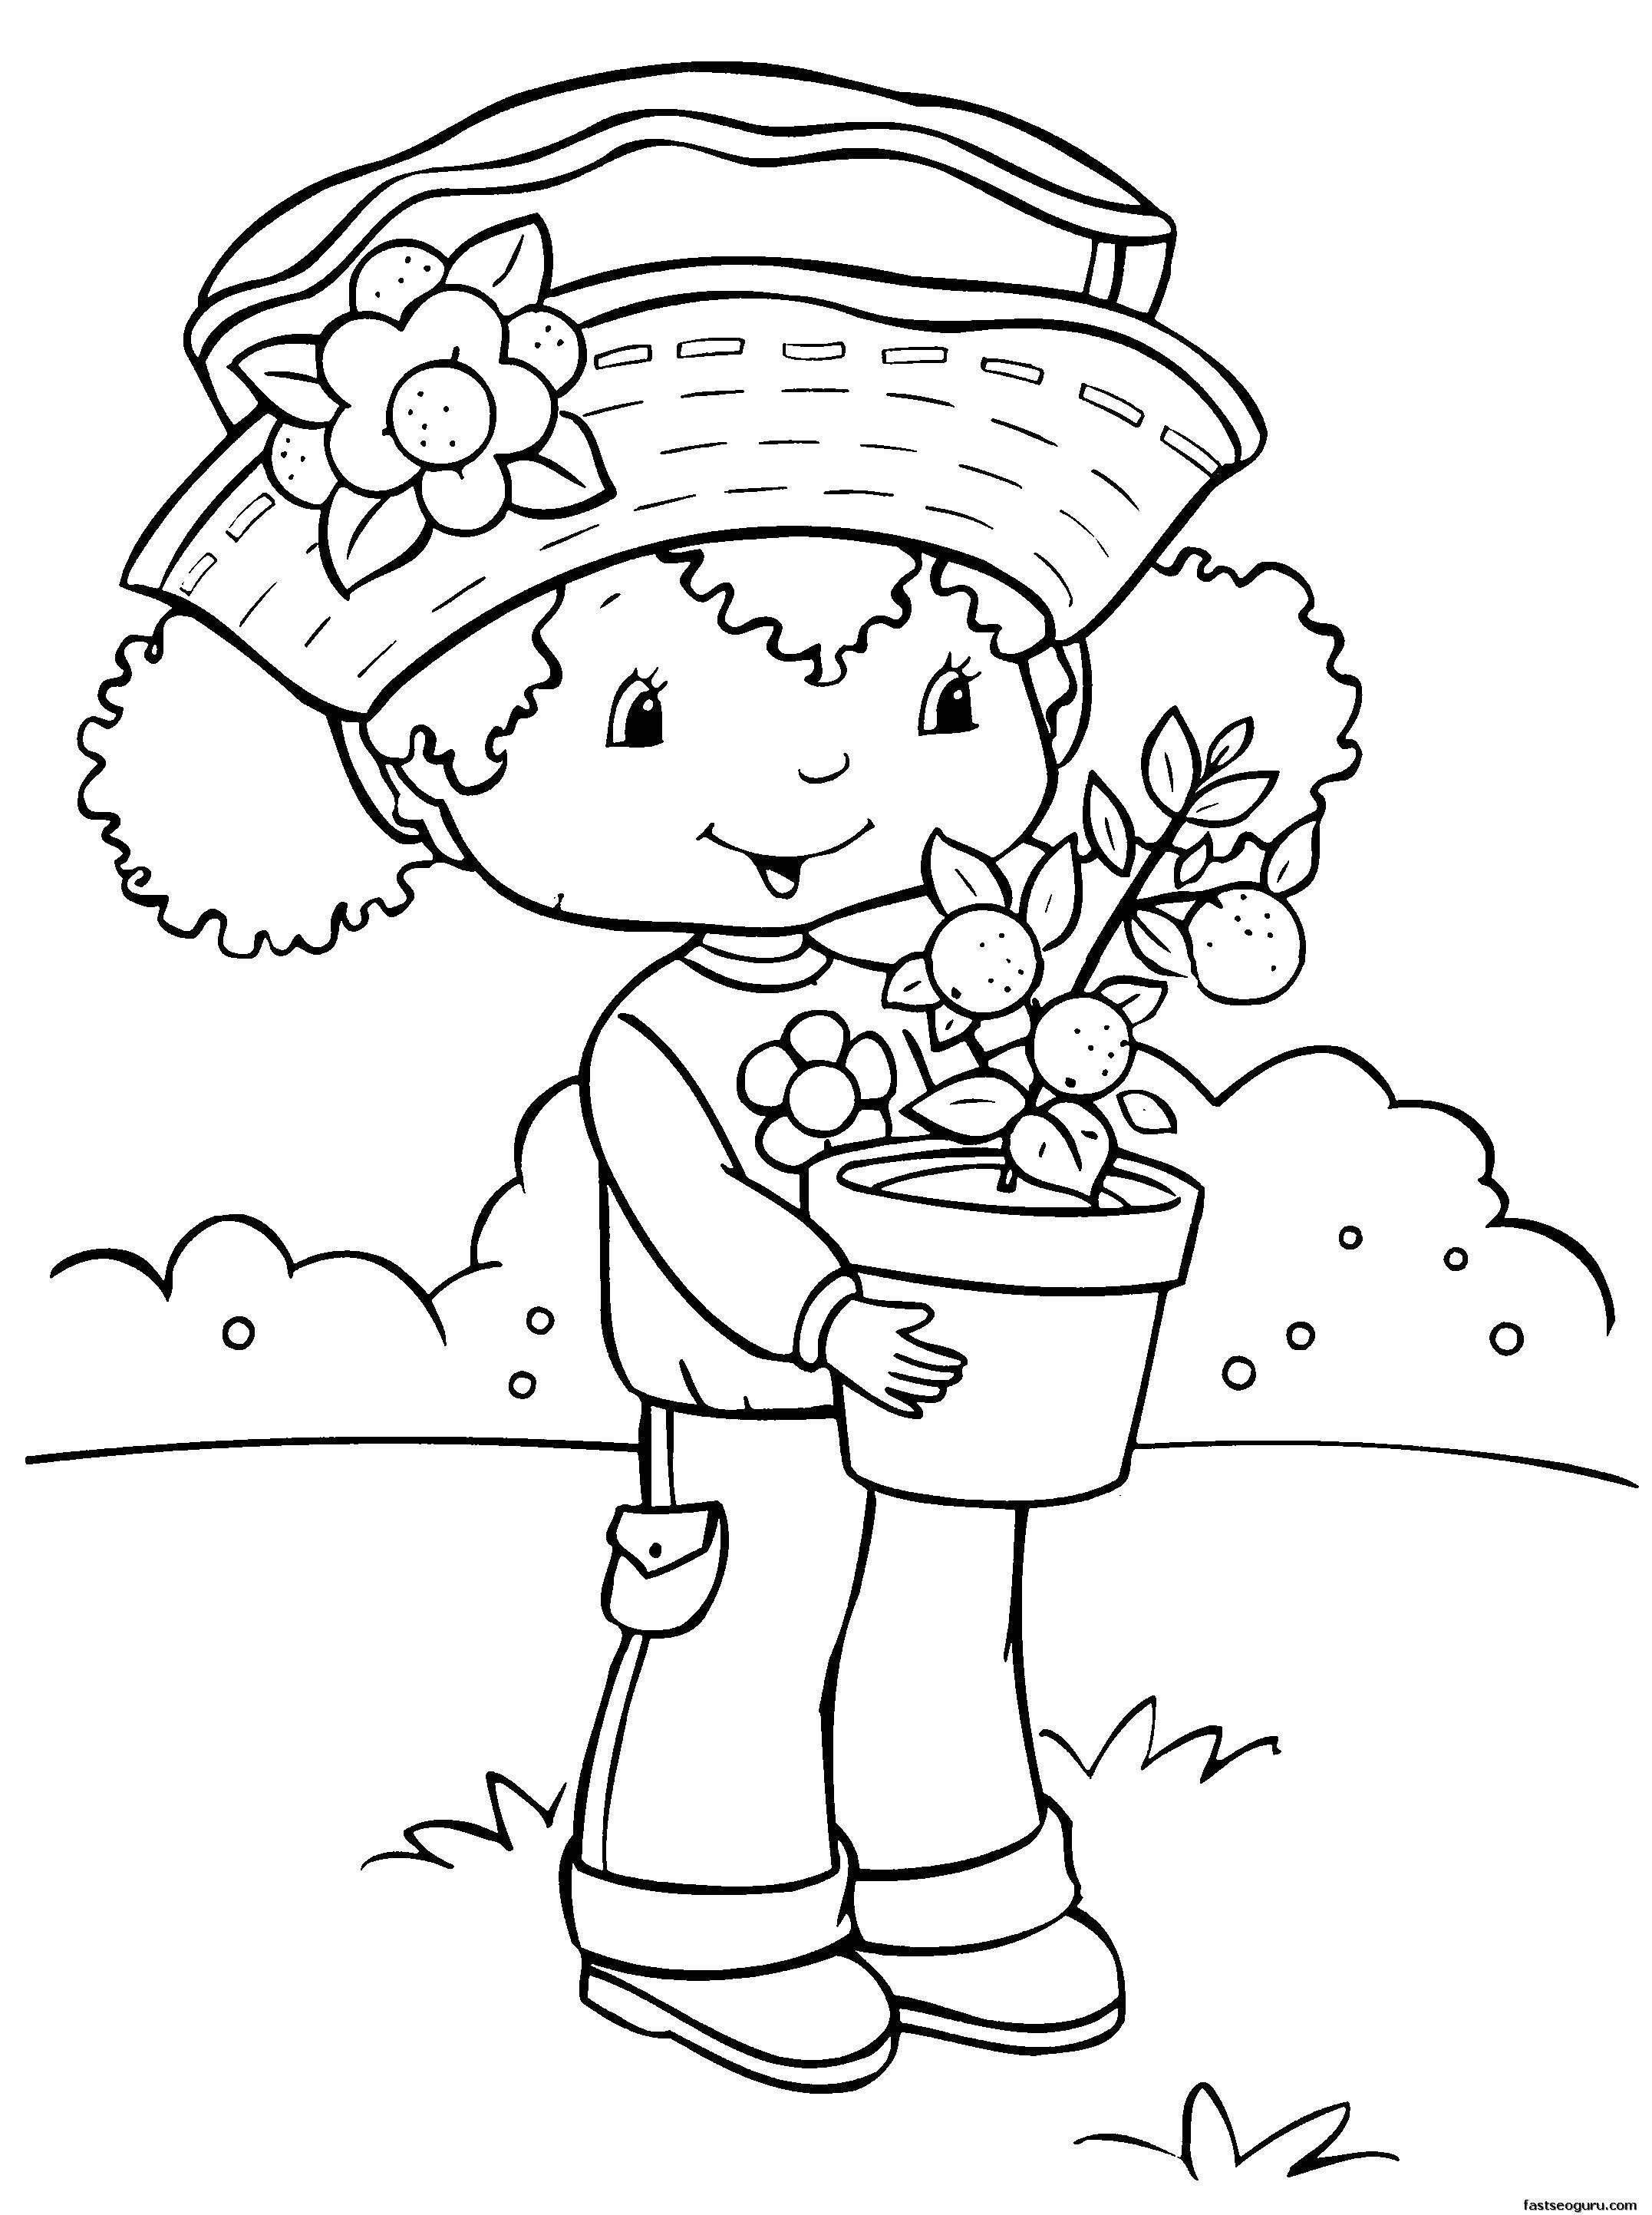 Раскраска Клубничка с горшком с цветами Скачать клубничка, цветы.  Распечатать ,Для девочек,